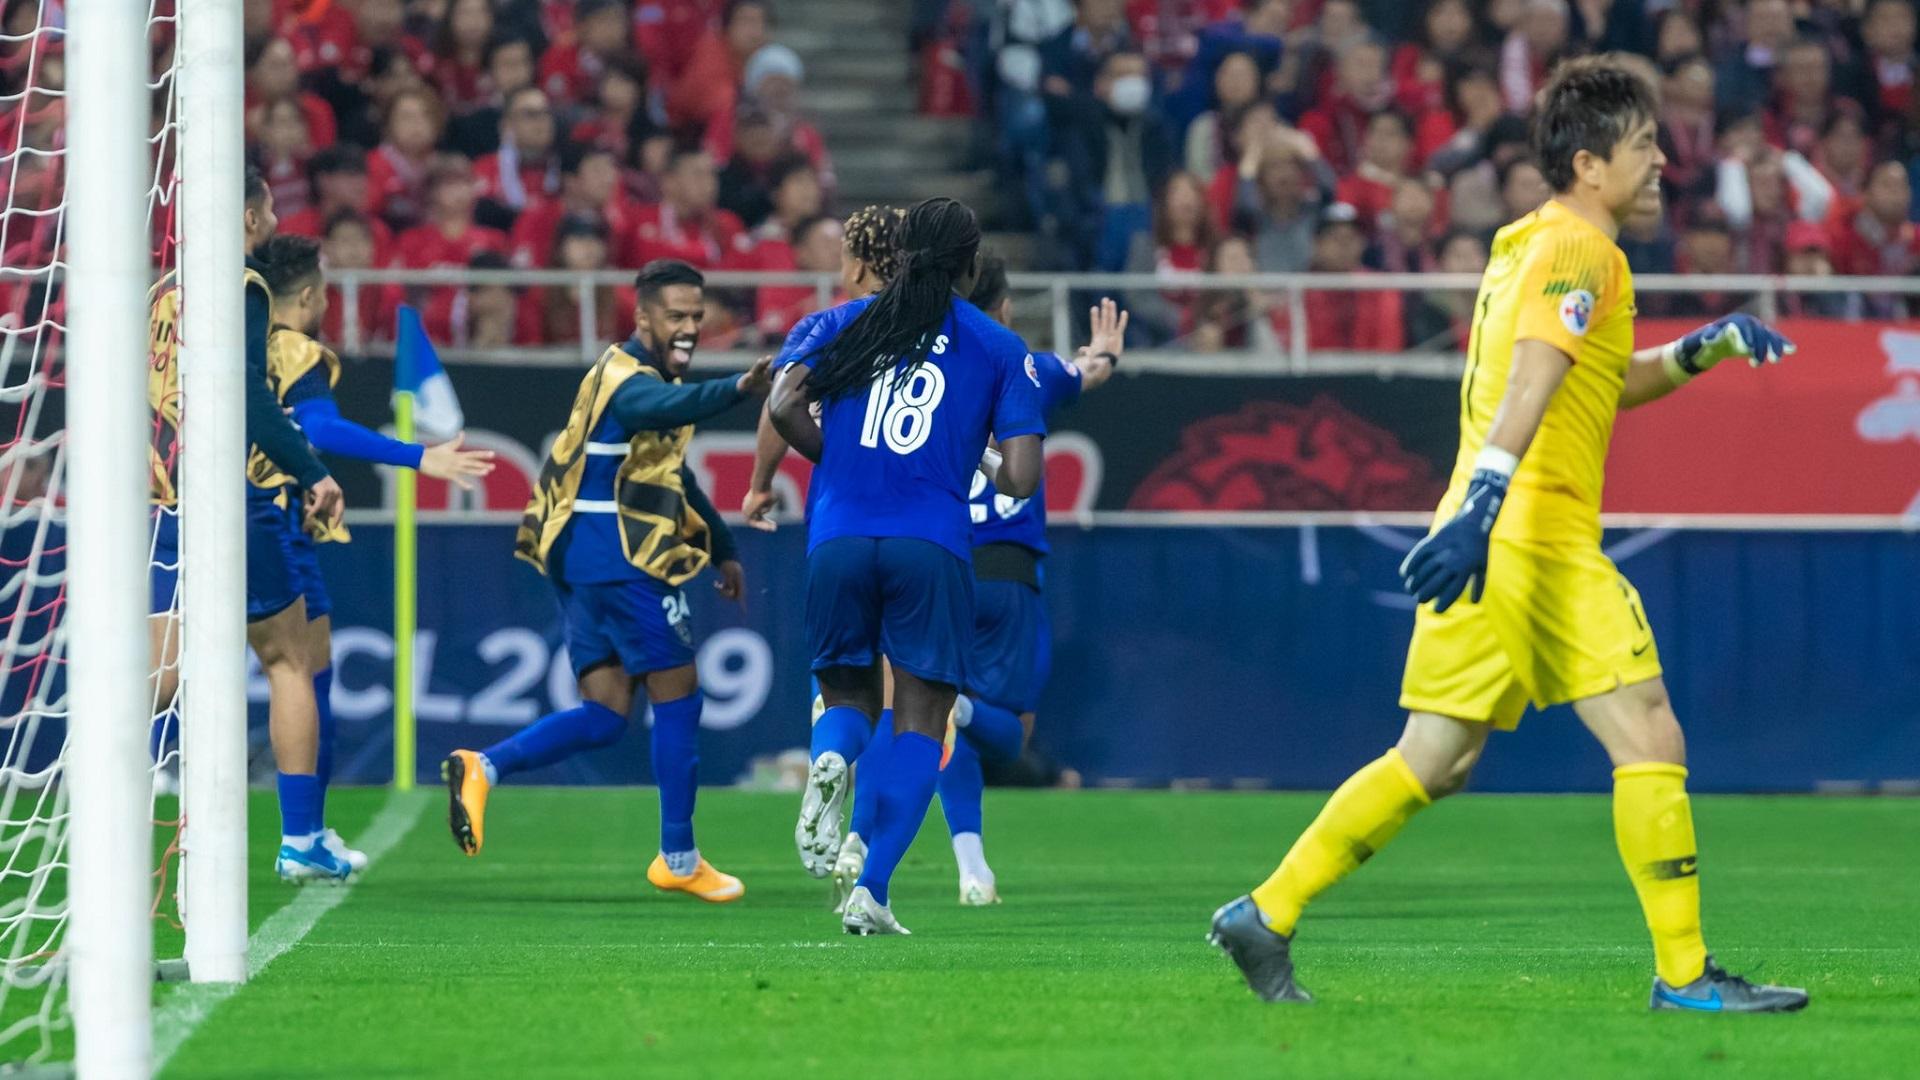 نتيجة بحث الصور عن موعد مباراة الهلال والترجي التونسي goal.com